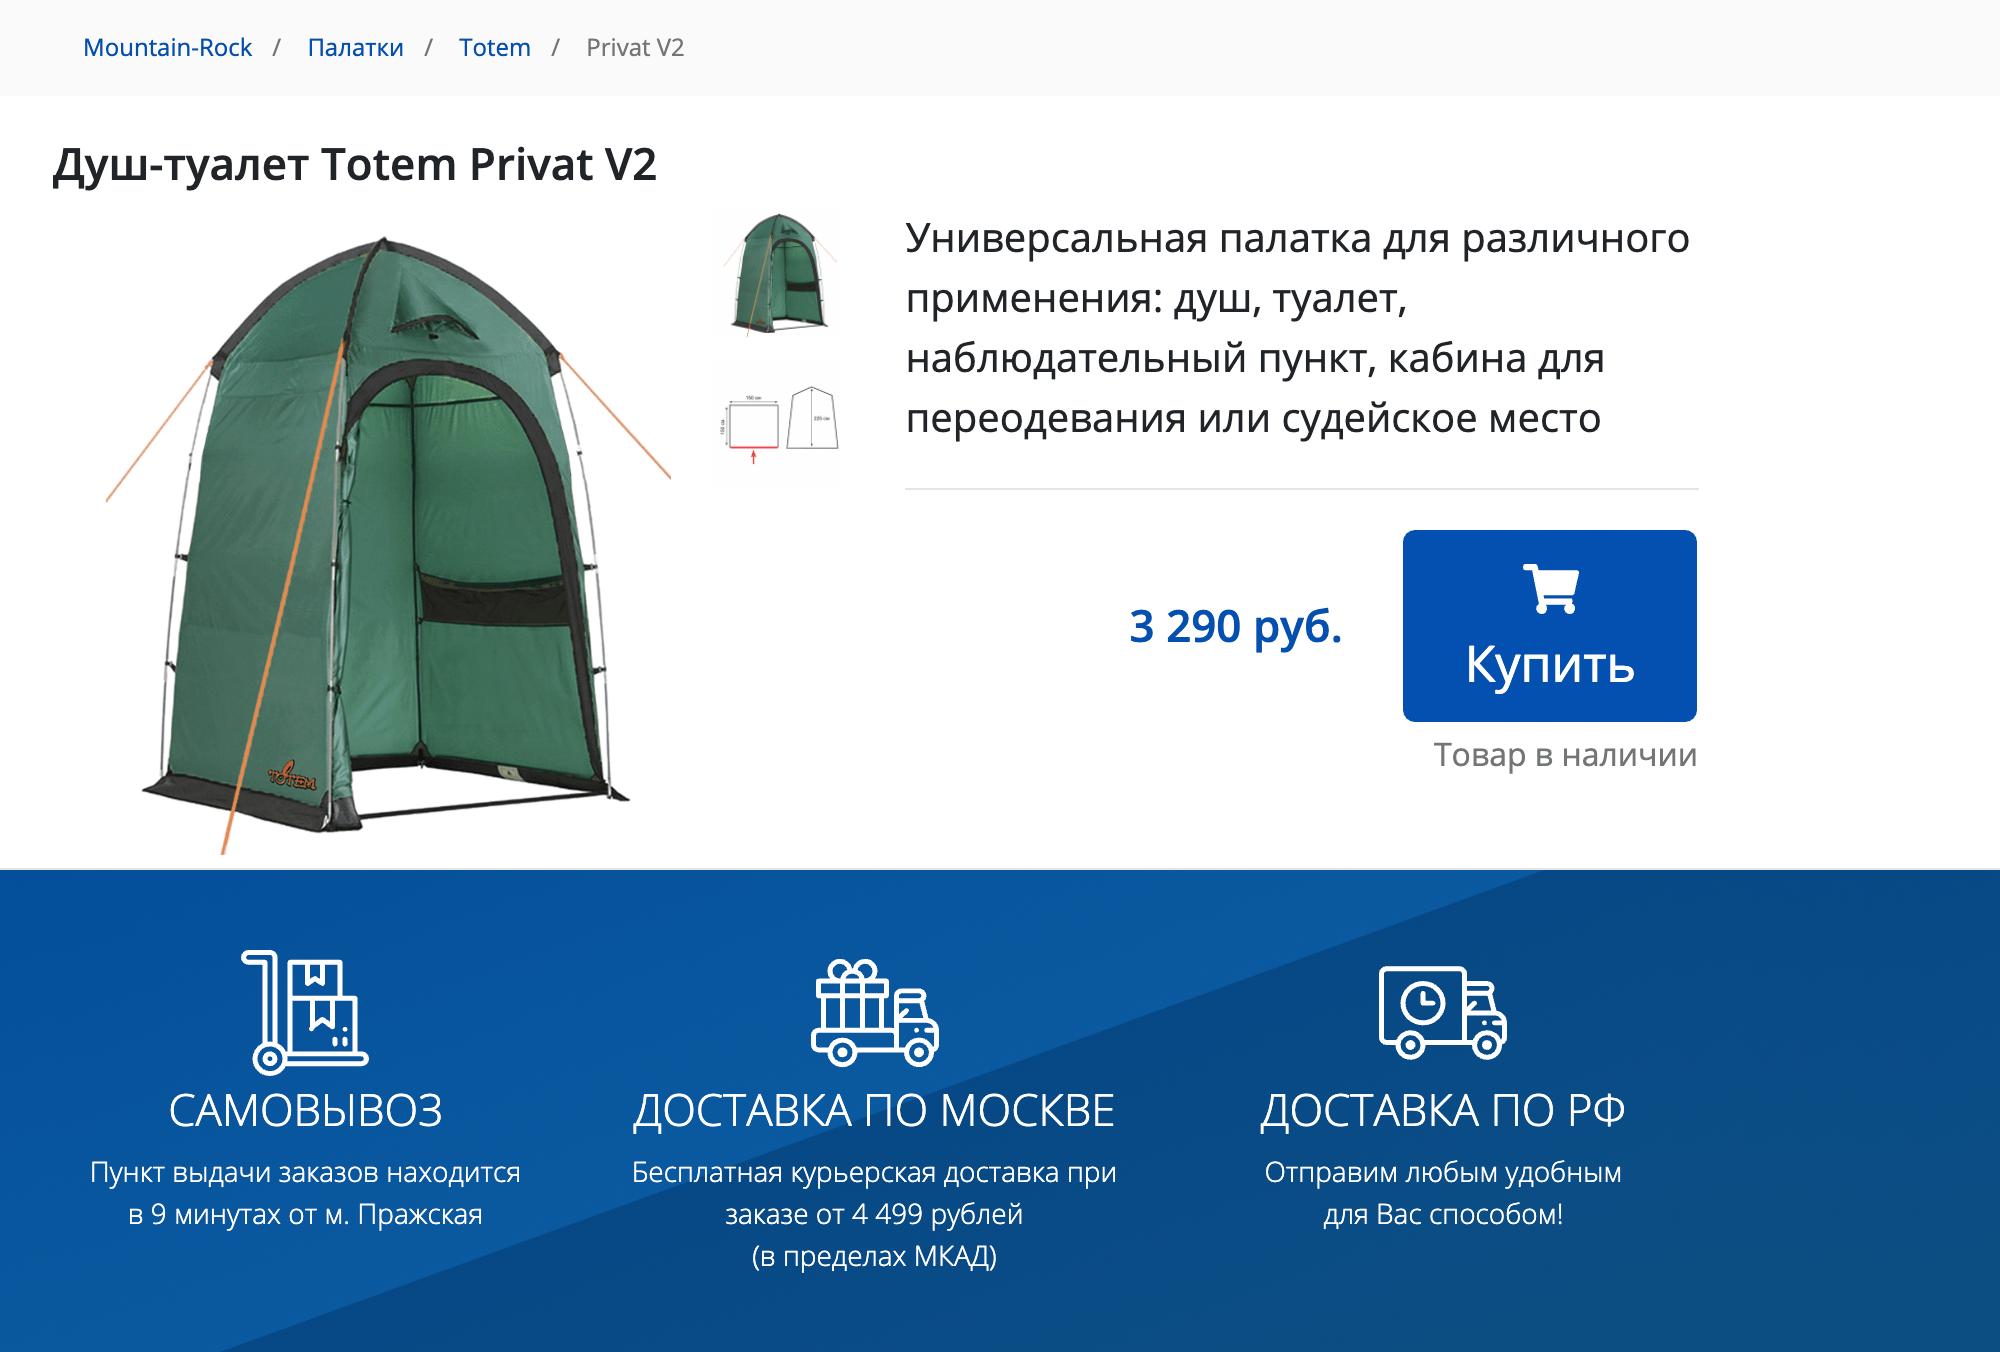 Моя приятельница купила палатку-туалет и пластиковый горшок. Палатка скрывает от любопытных глаз, в горшок стелют полиэтиленовый пакет, который утилизируют вместе с остальным мусором